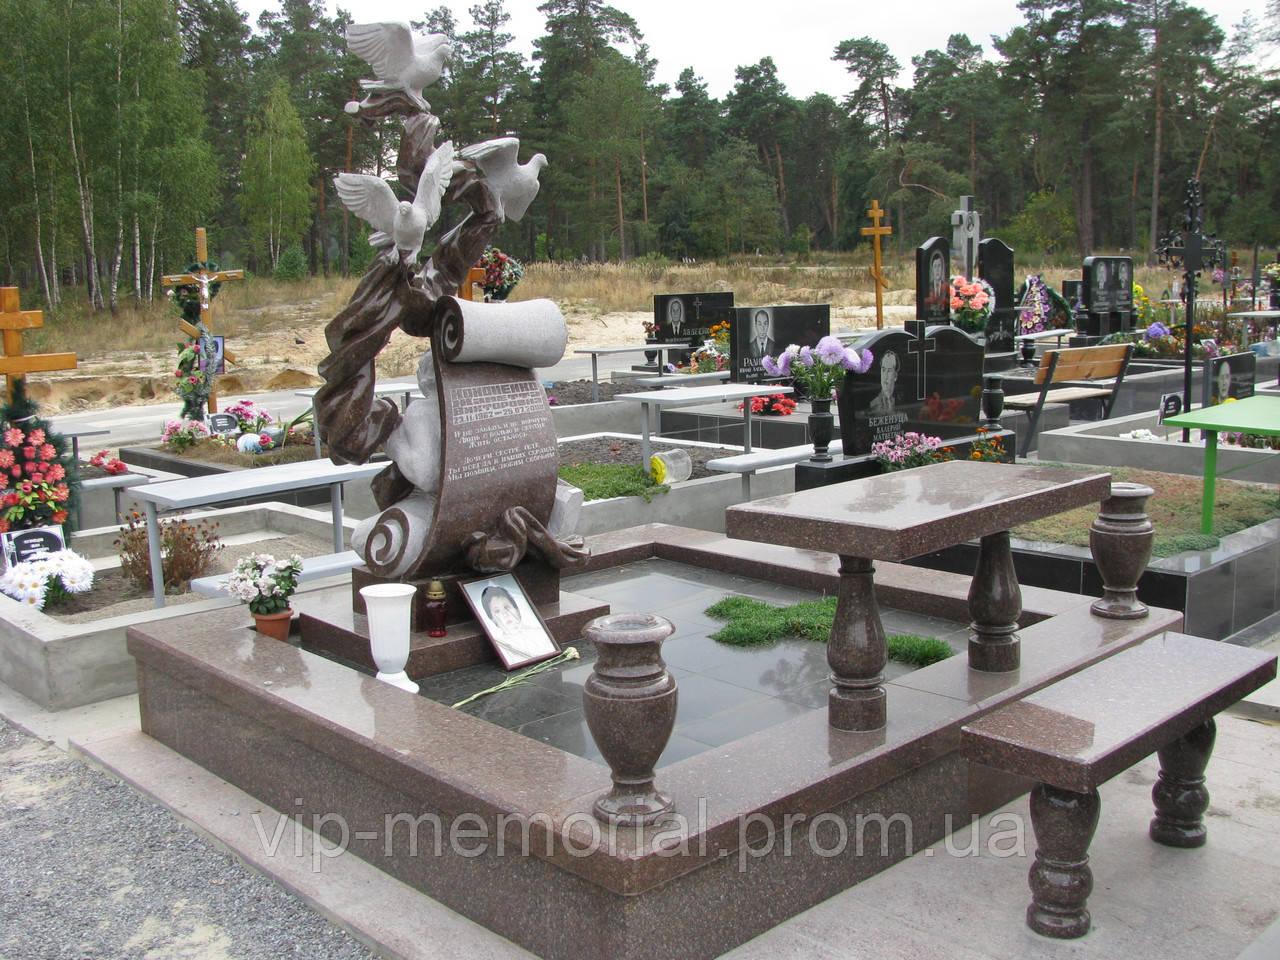 Мемориальный комплекс МК-139